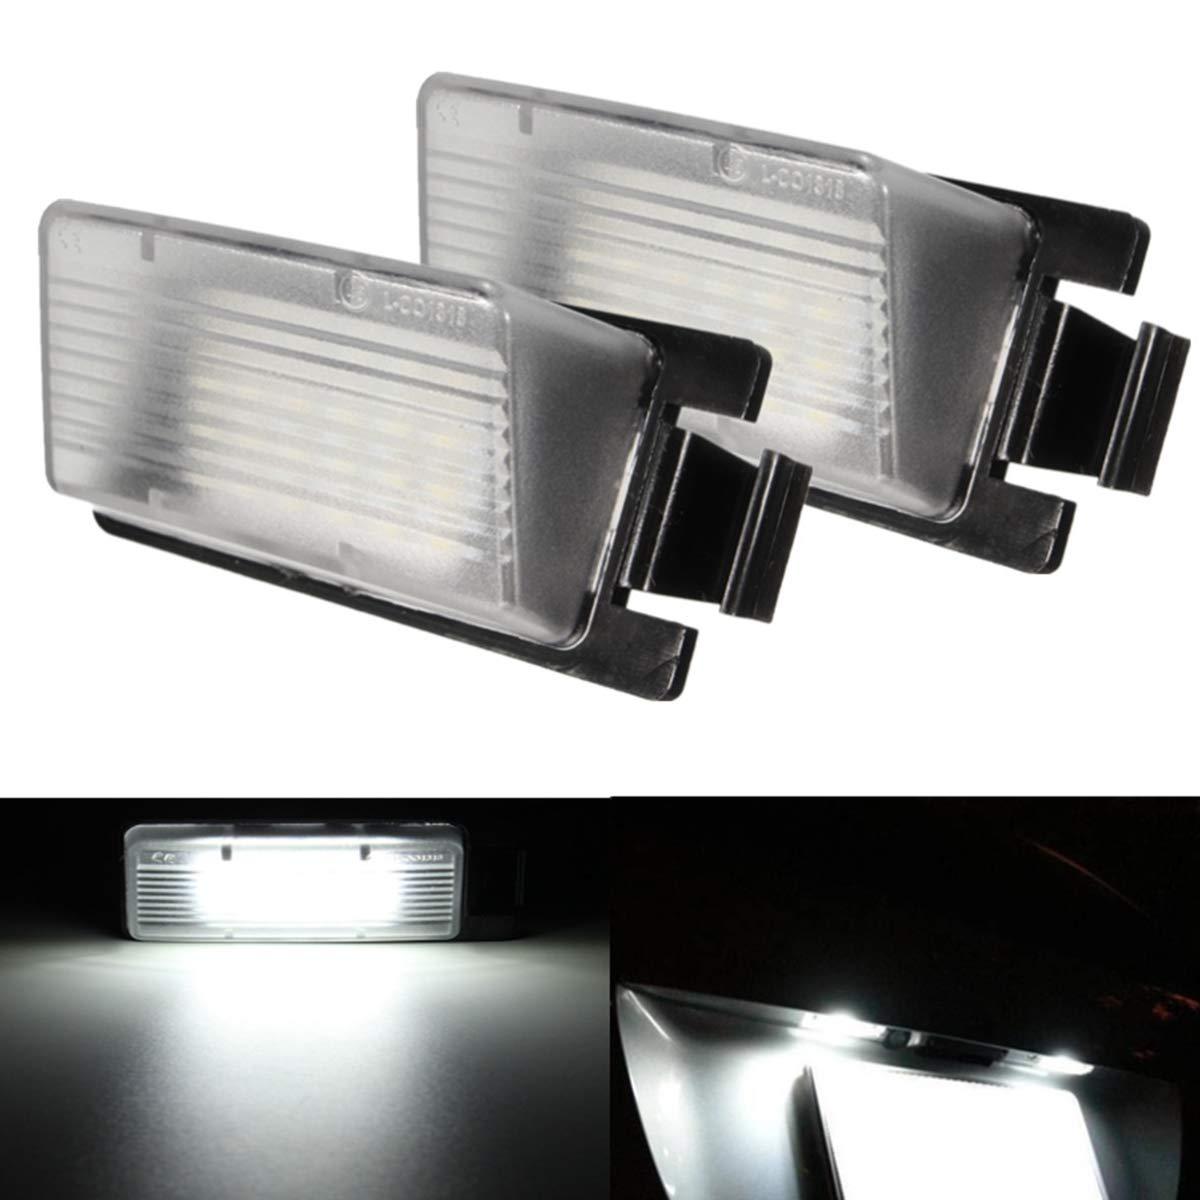 GOFORJUMP Lampe de Plaque dimmatriculation de Remplacement de la lumi/ère de la Plaque dimmatriculation LED de Voiture 2Pcs Blanche pour N//issan 350Z 370Z GTR pour I//nfiniti G25 G35 G37